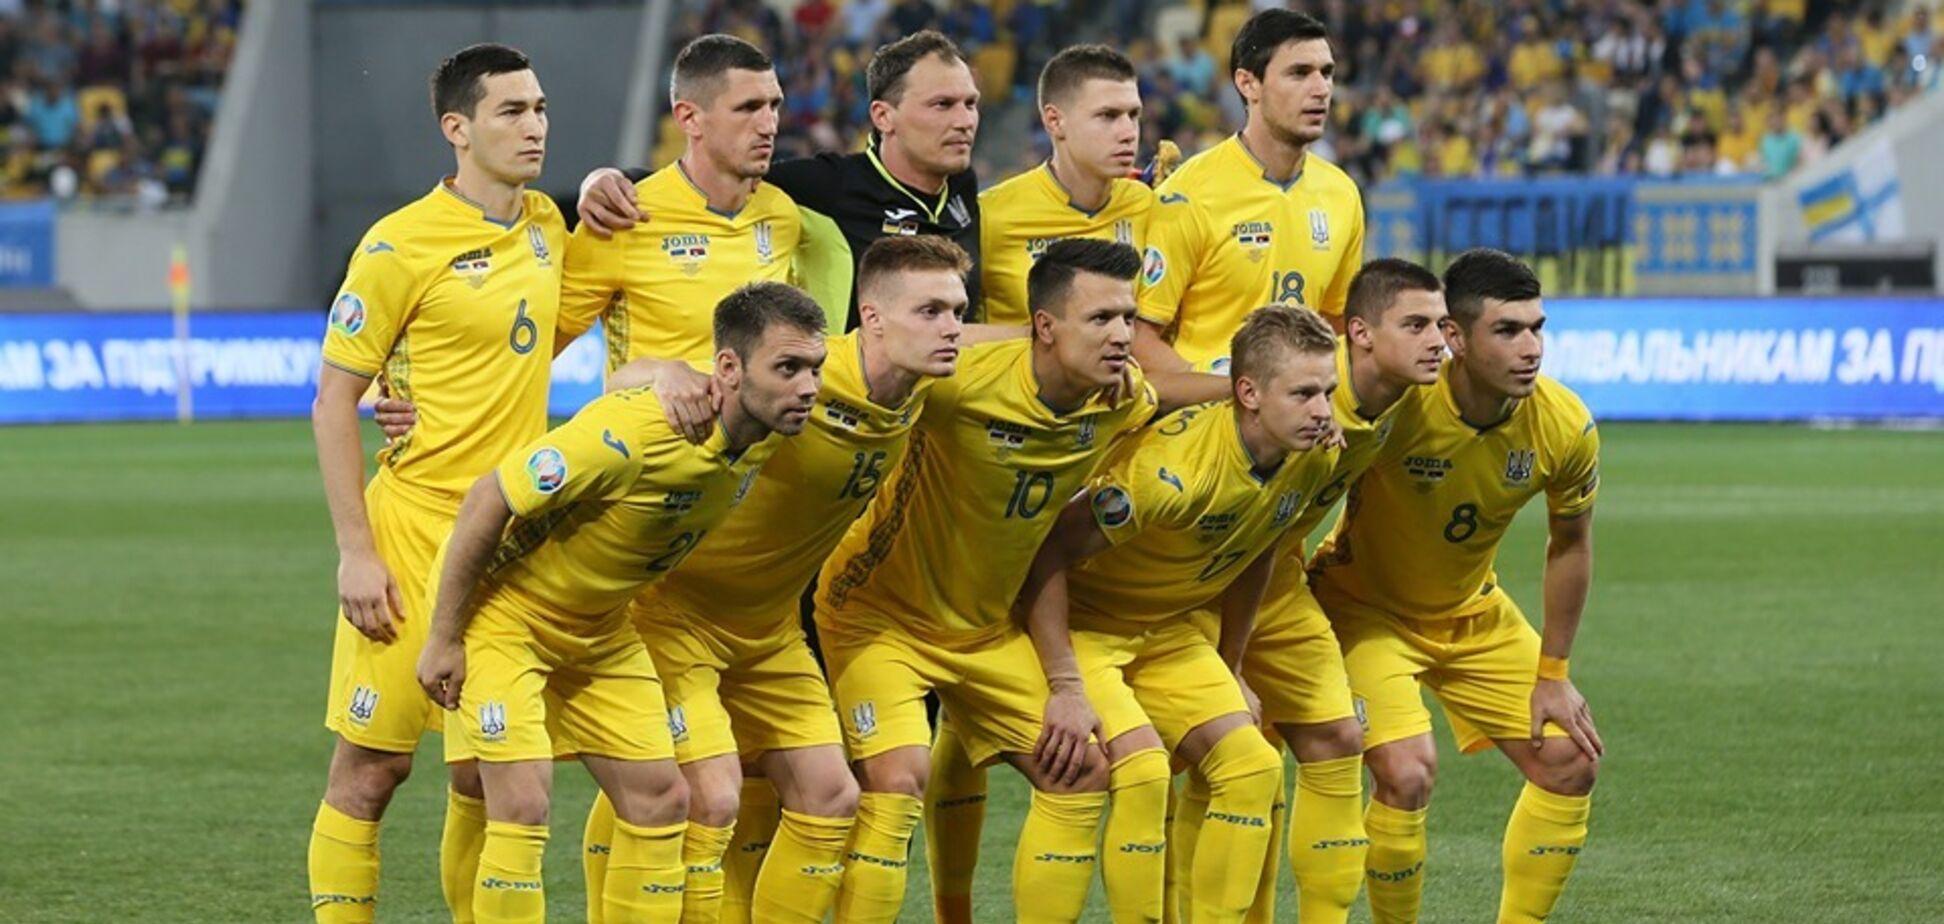 Украина — Люксембург: где смотреть онлайн отбор Евро-2020 — расписание трансляций